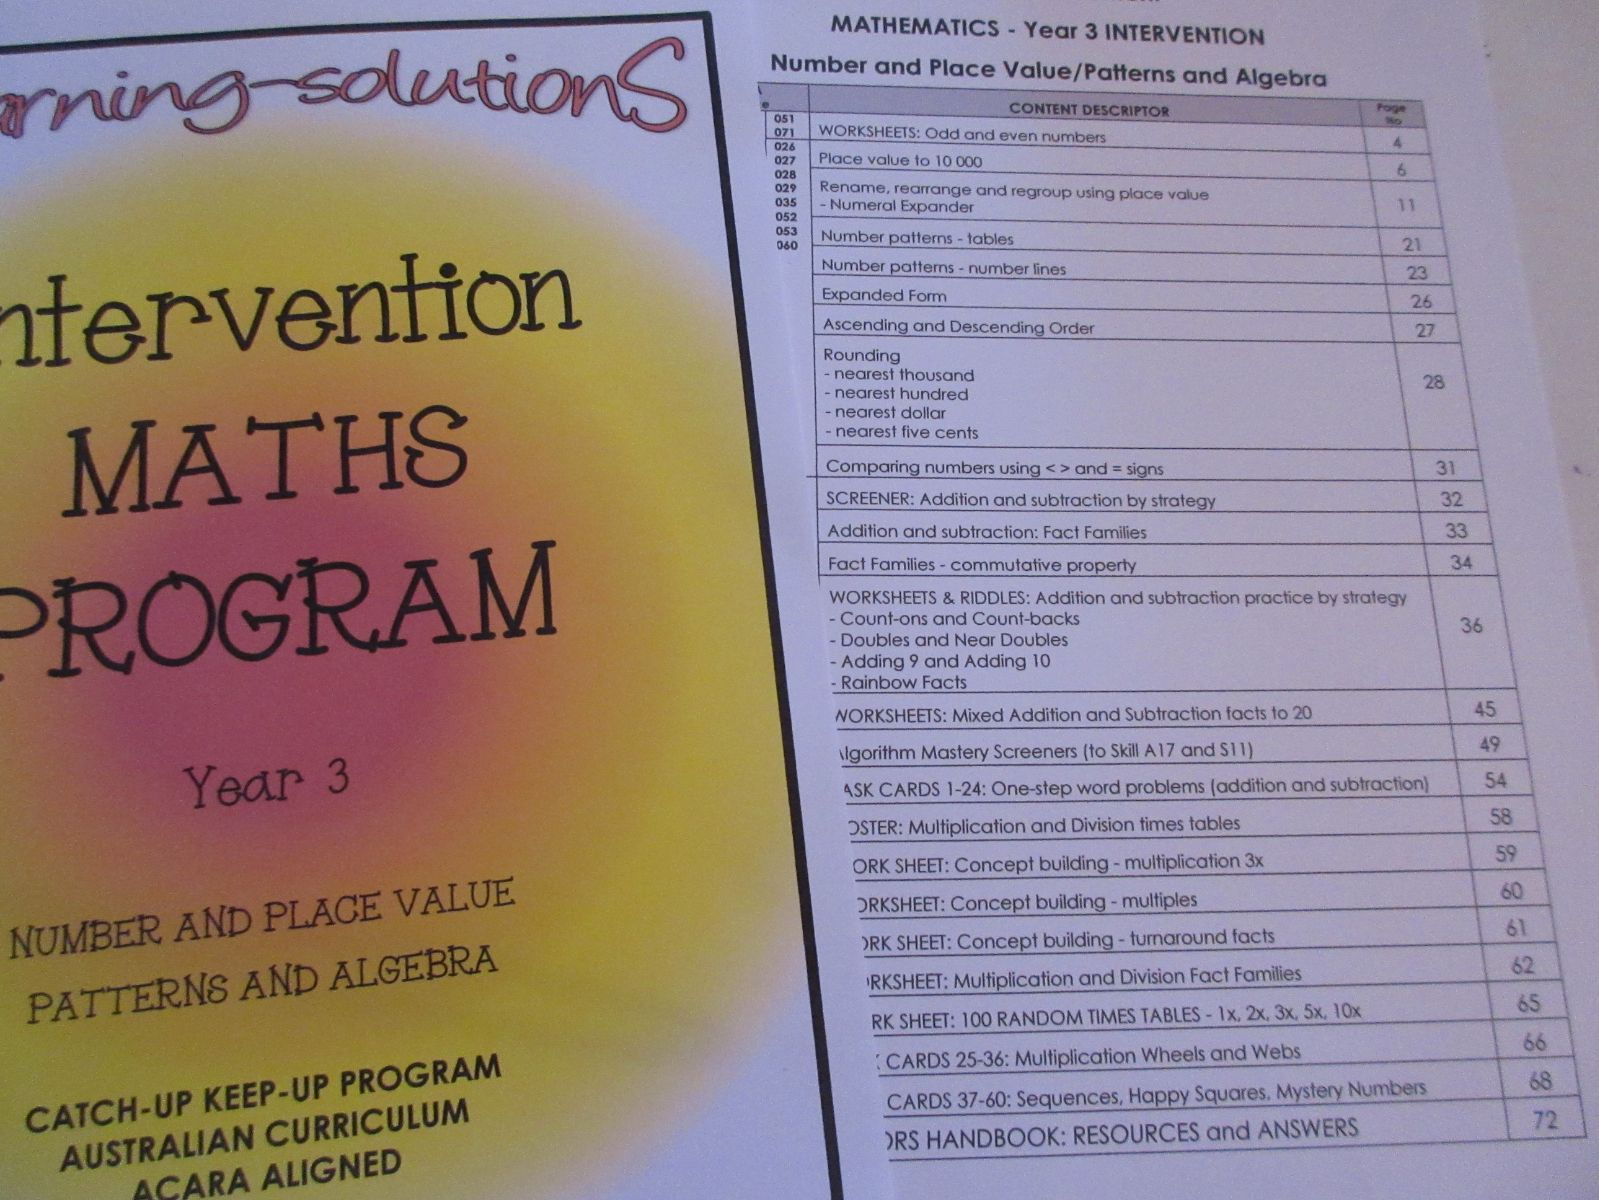 INTERVENTION MATHS PROGRAM BUNDLE - Gr 3 - Number/Place Value/Patterns/Algebra ACARA aligned